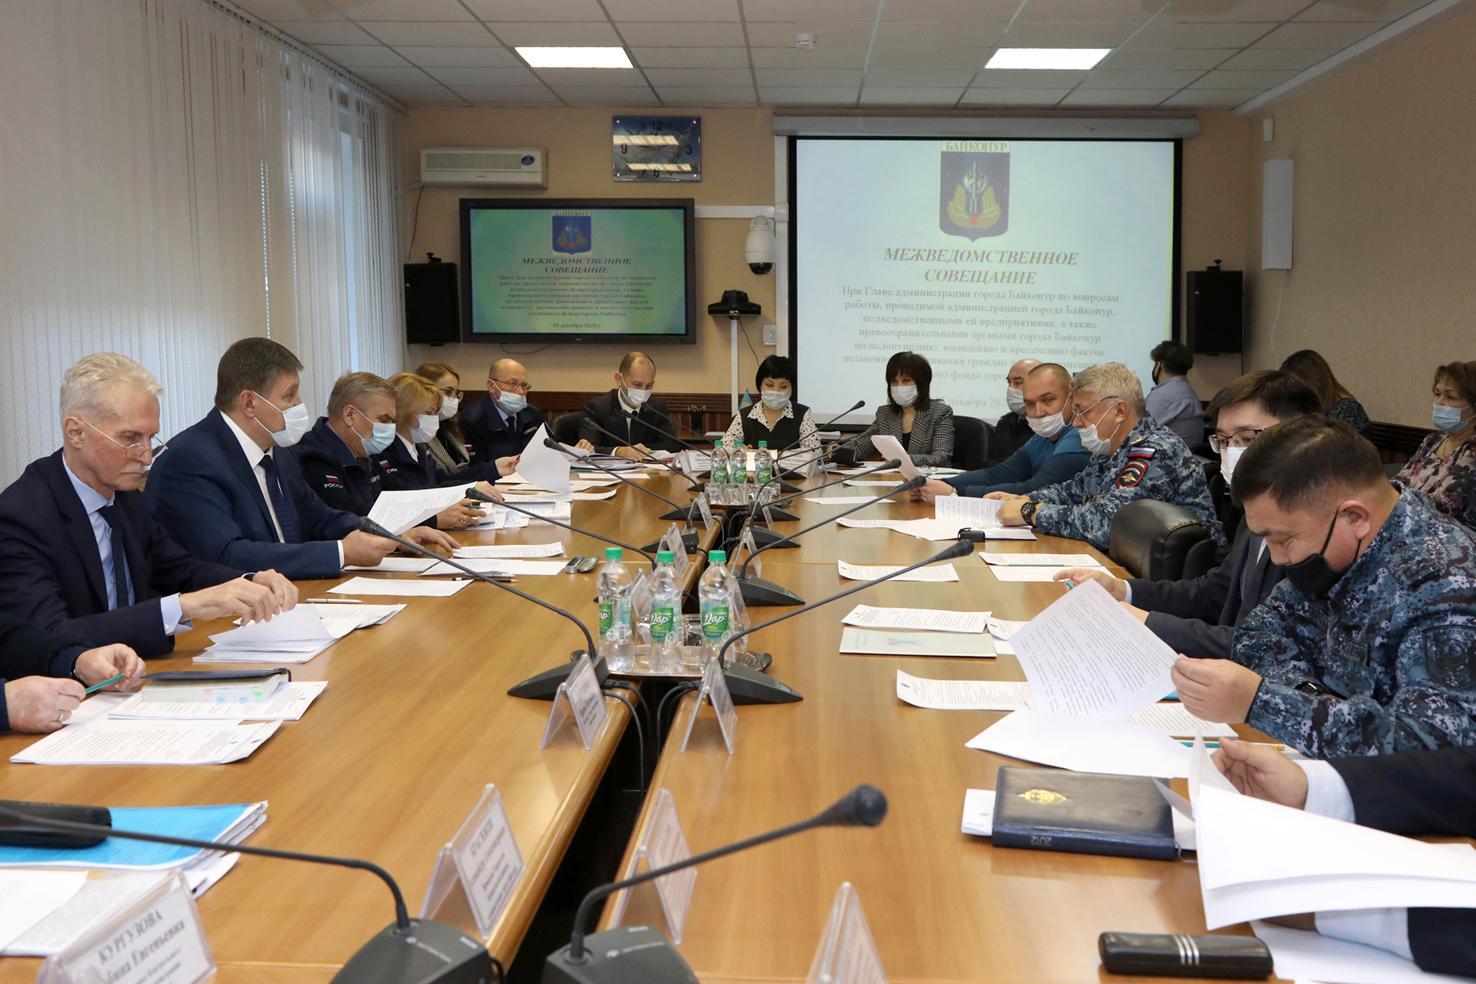 Администрацией города Байконура проведено межведомственное совещание по вопросам незаконного проживания граждан в квартирах города